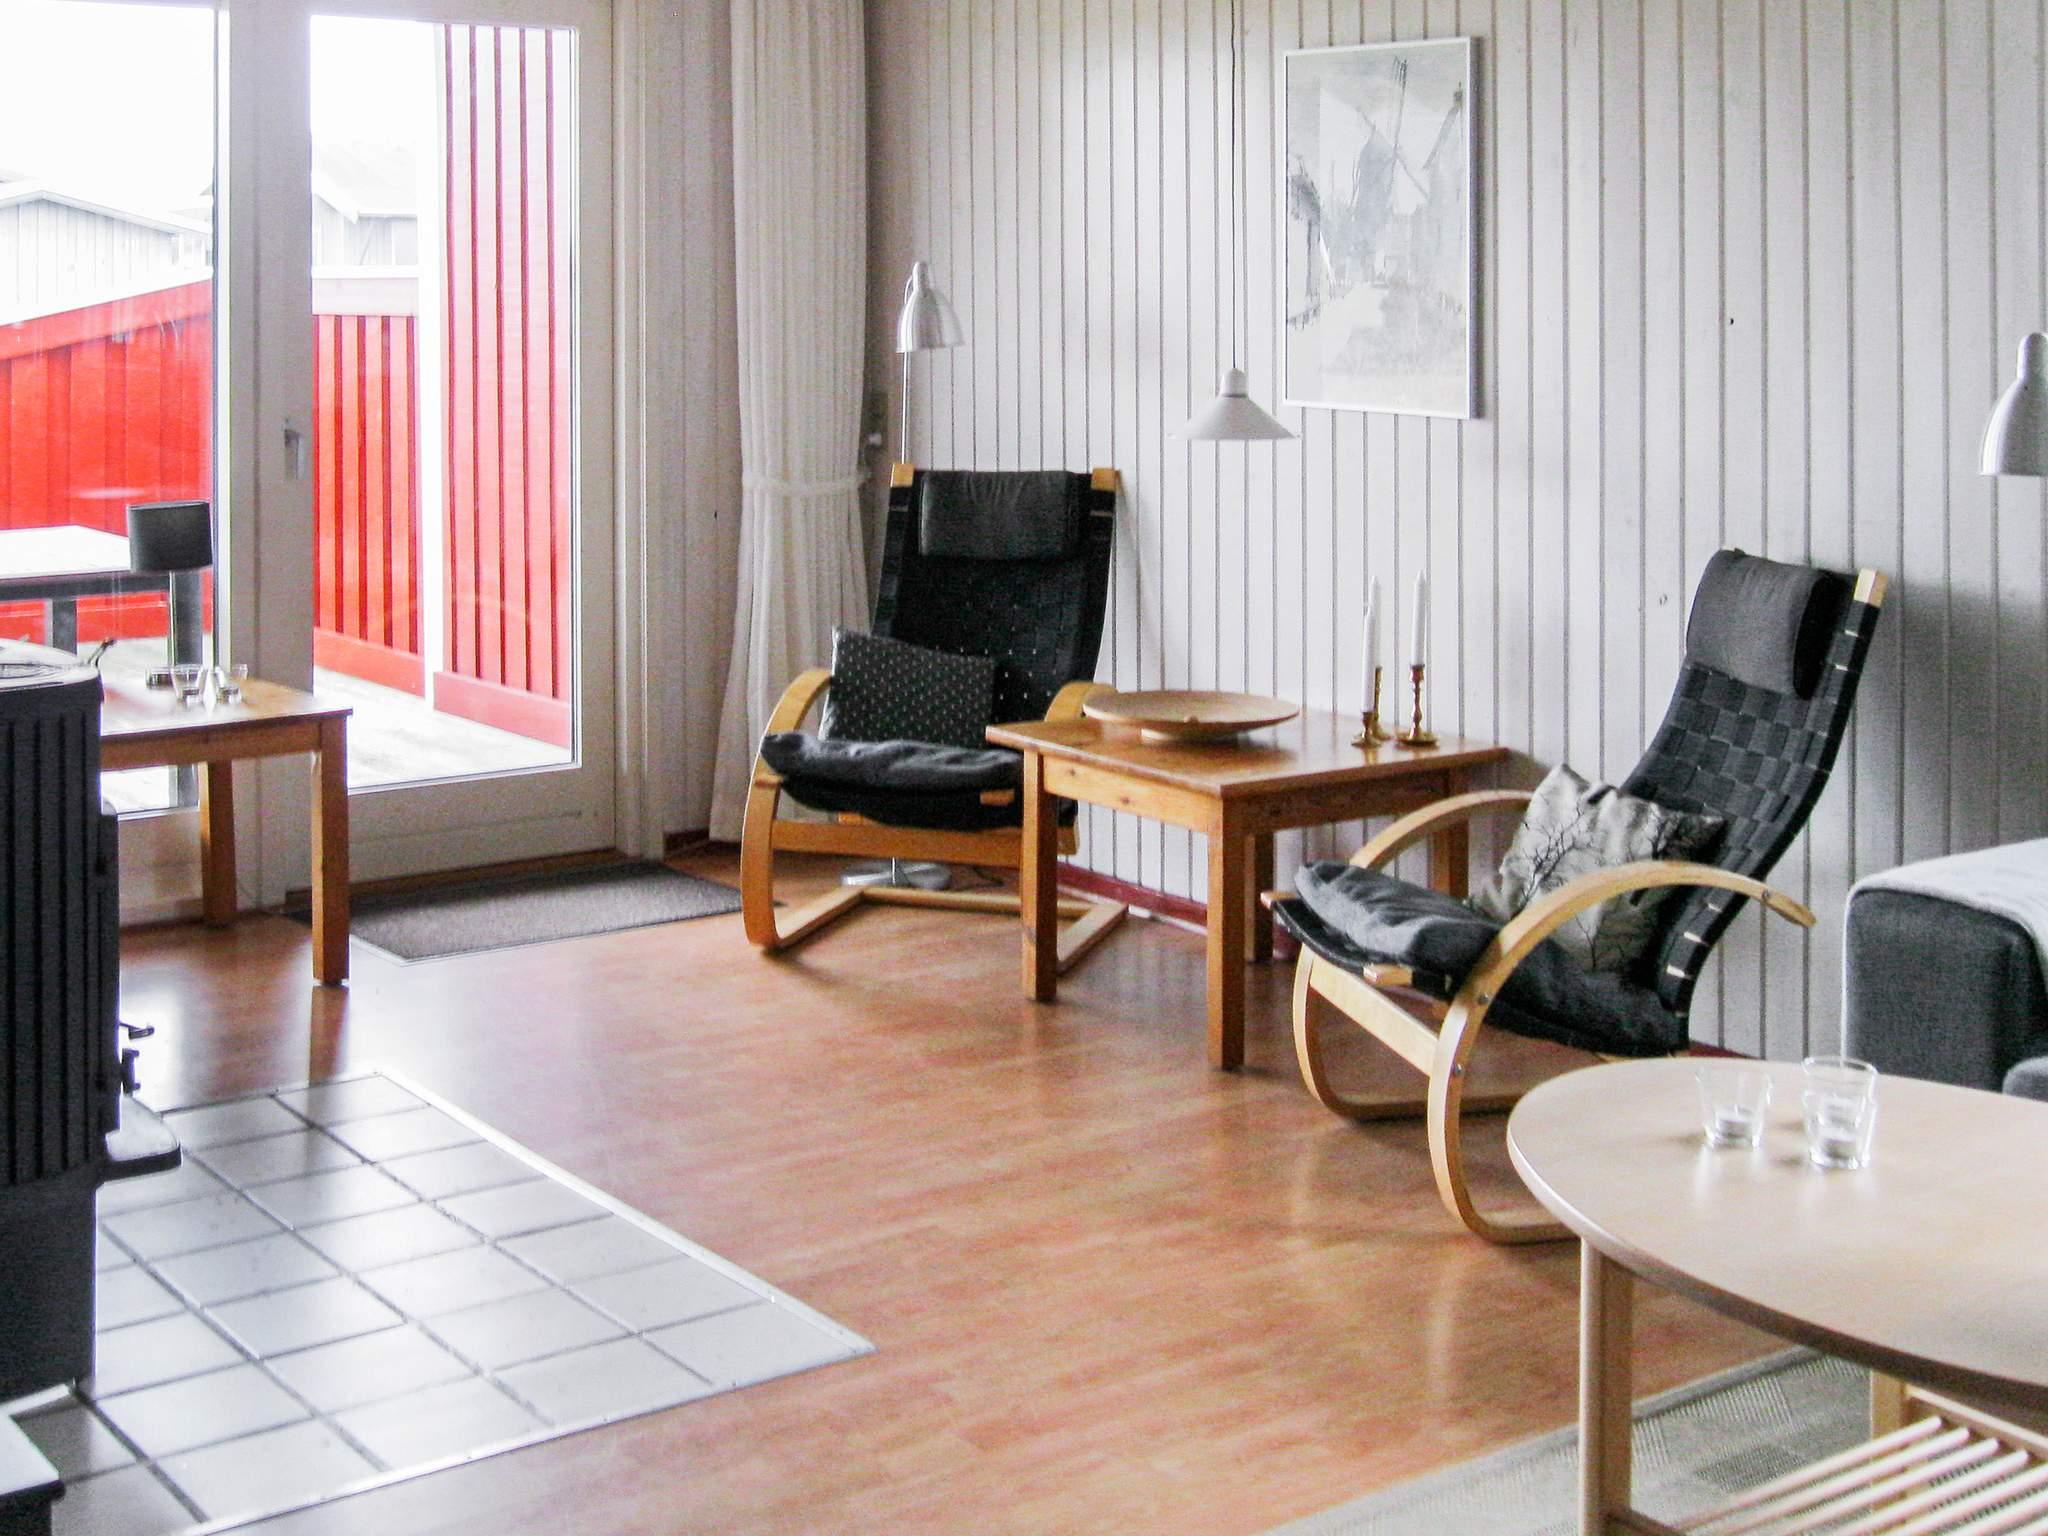 Ferienhaus Vejlby Klit (89175), Harboøre, , Limfjord, Dänemark, Bild 7